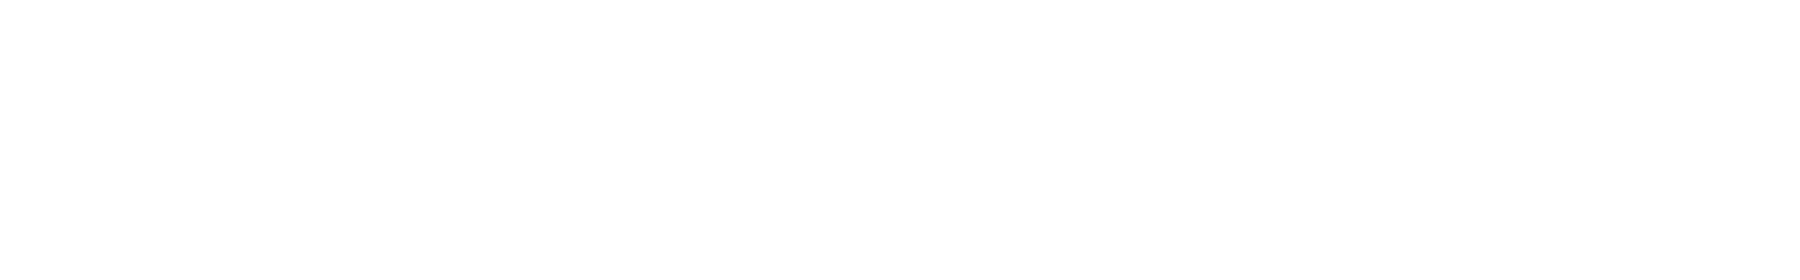 flut 120 bpm